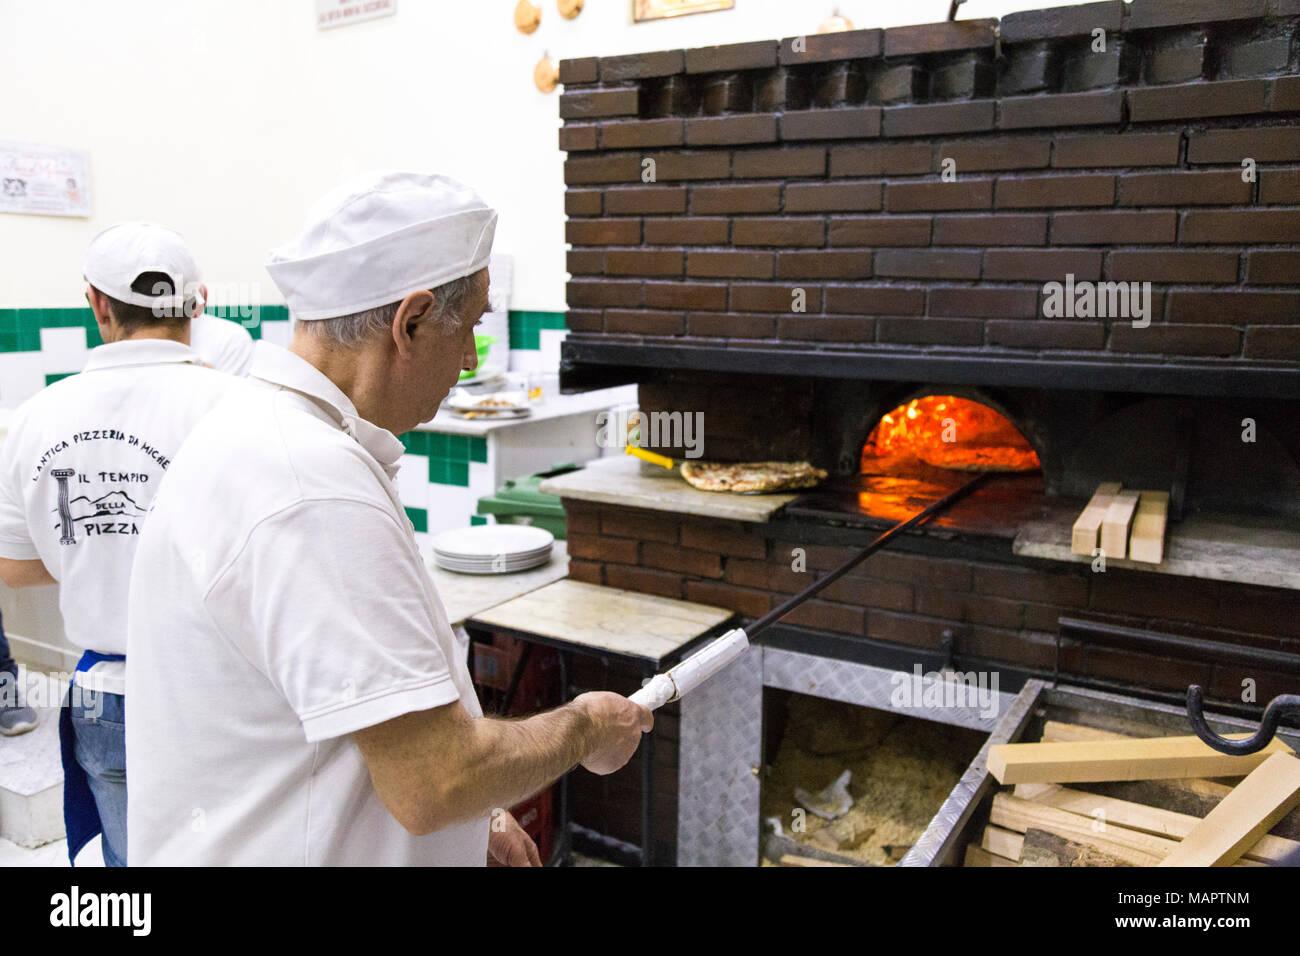 Uomo di cucina italiana tradizionale pizza nel forno a legna presso ...